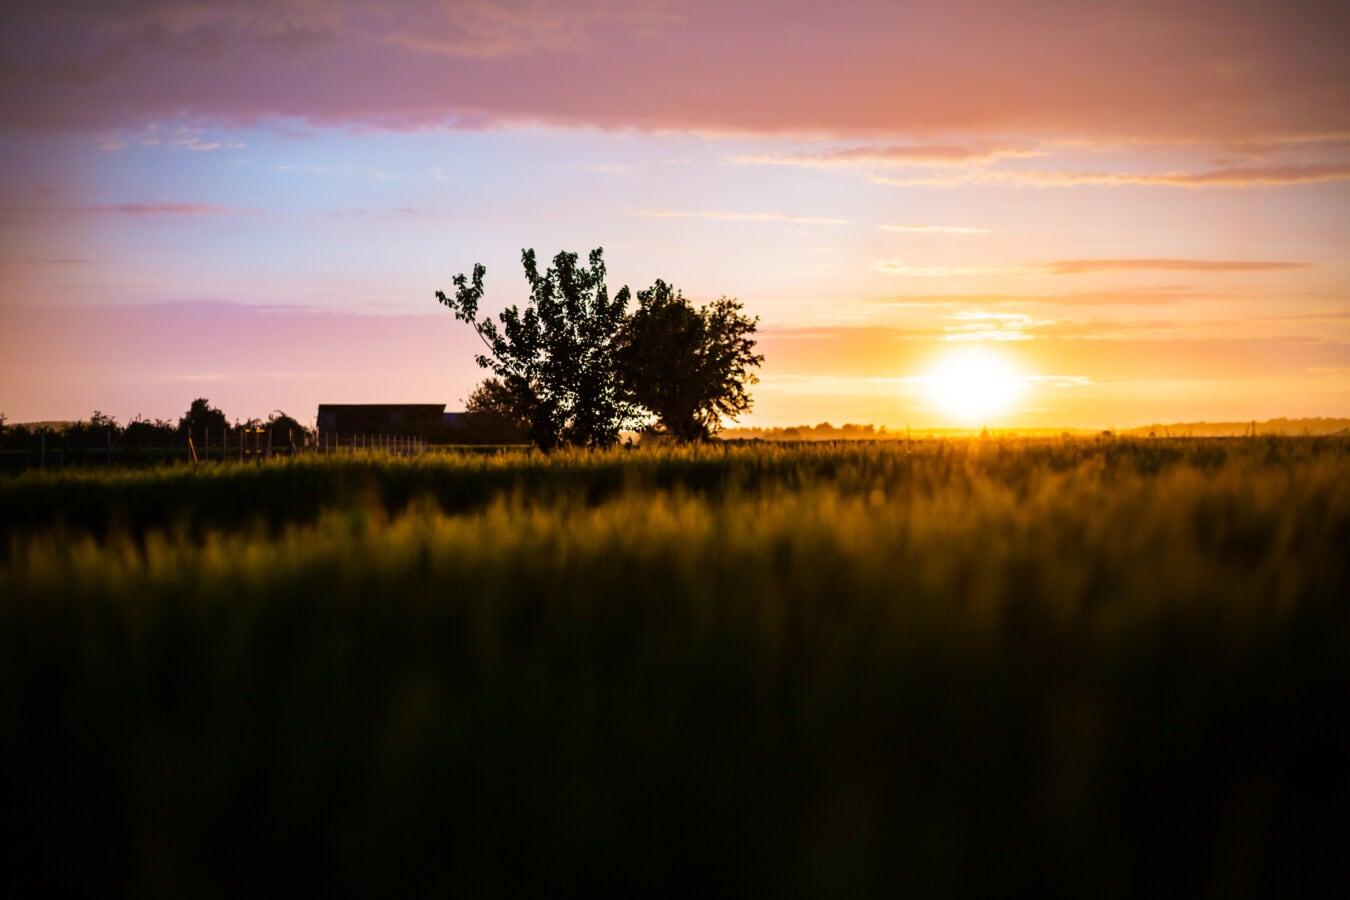 พระอาทิตย์ตก, wheatfield, จุดมืดดวงอาทิตย์, คู่บารมี, ซัน, แสงแดด, ฤดูร้อน, เงา, ย้อนแสง, ภูมิทัศน์